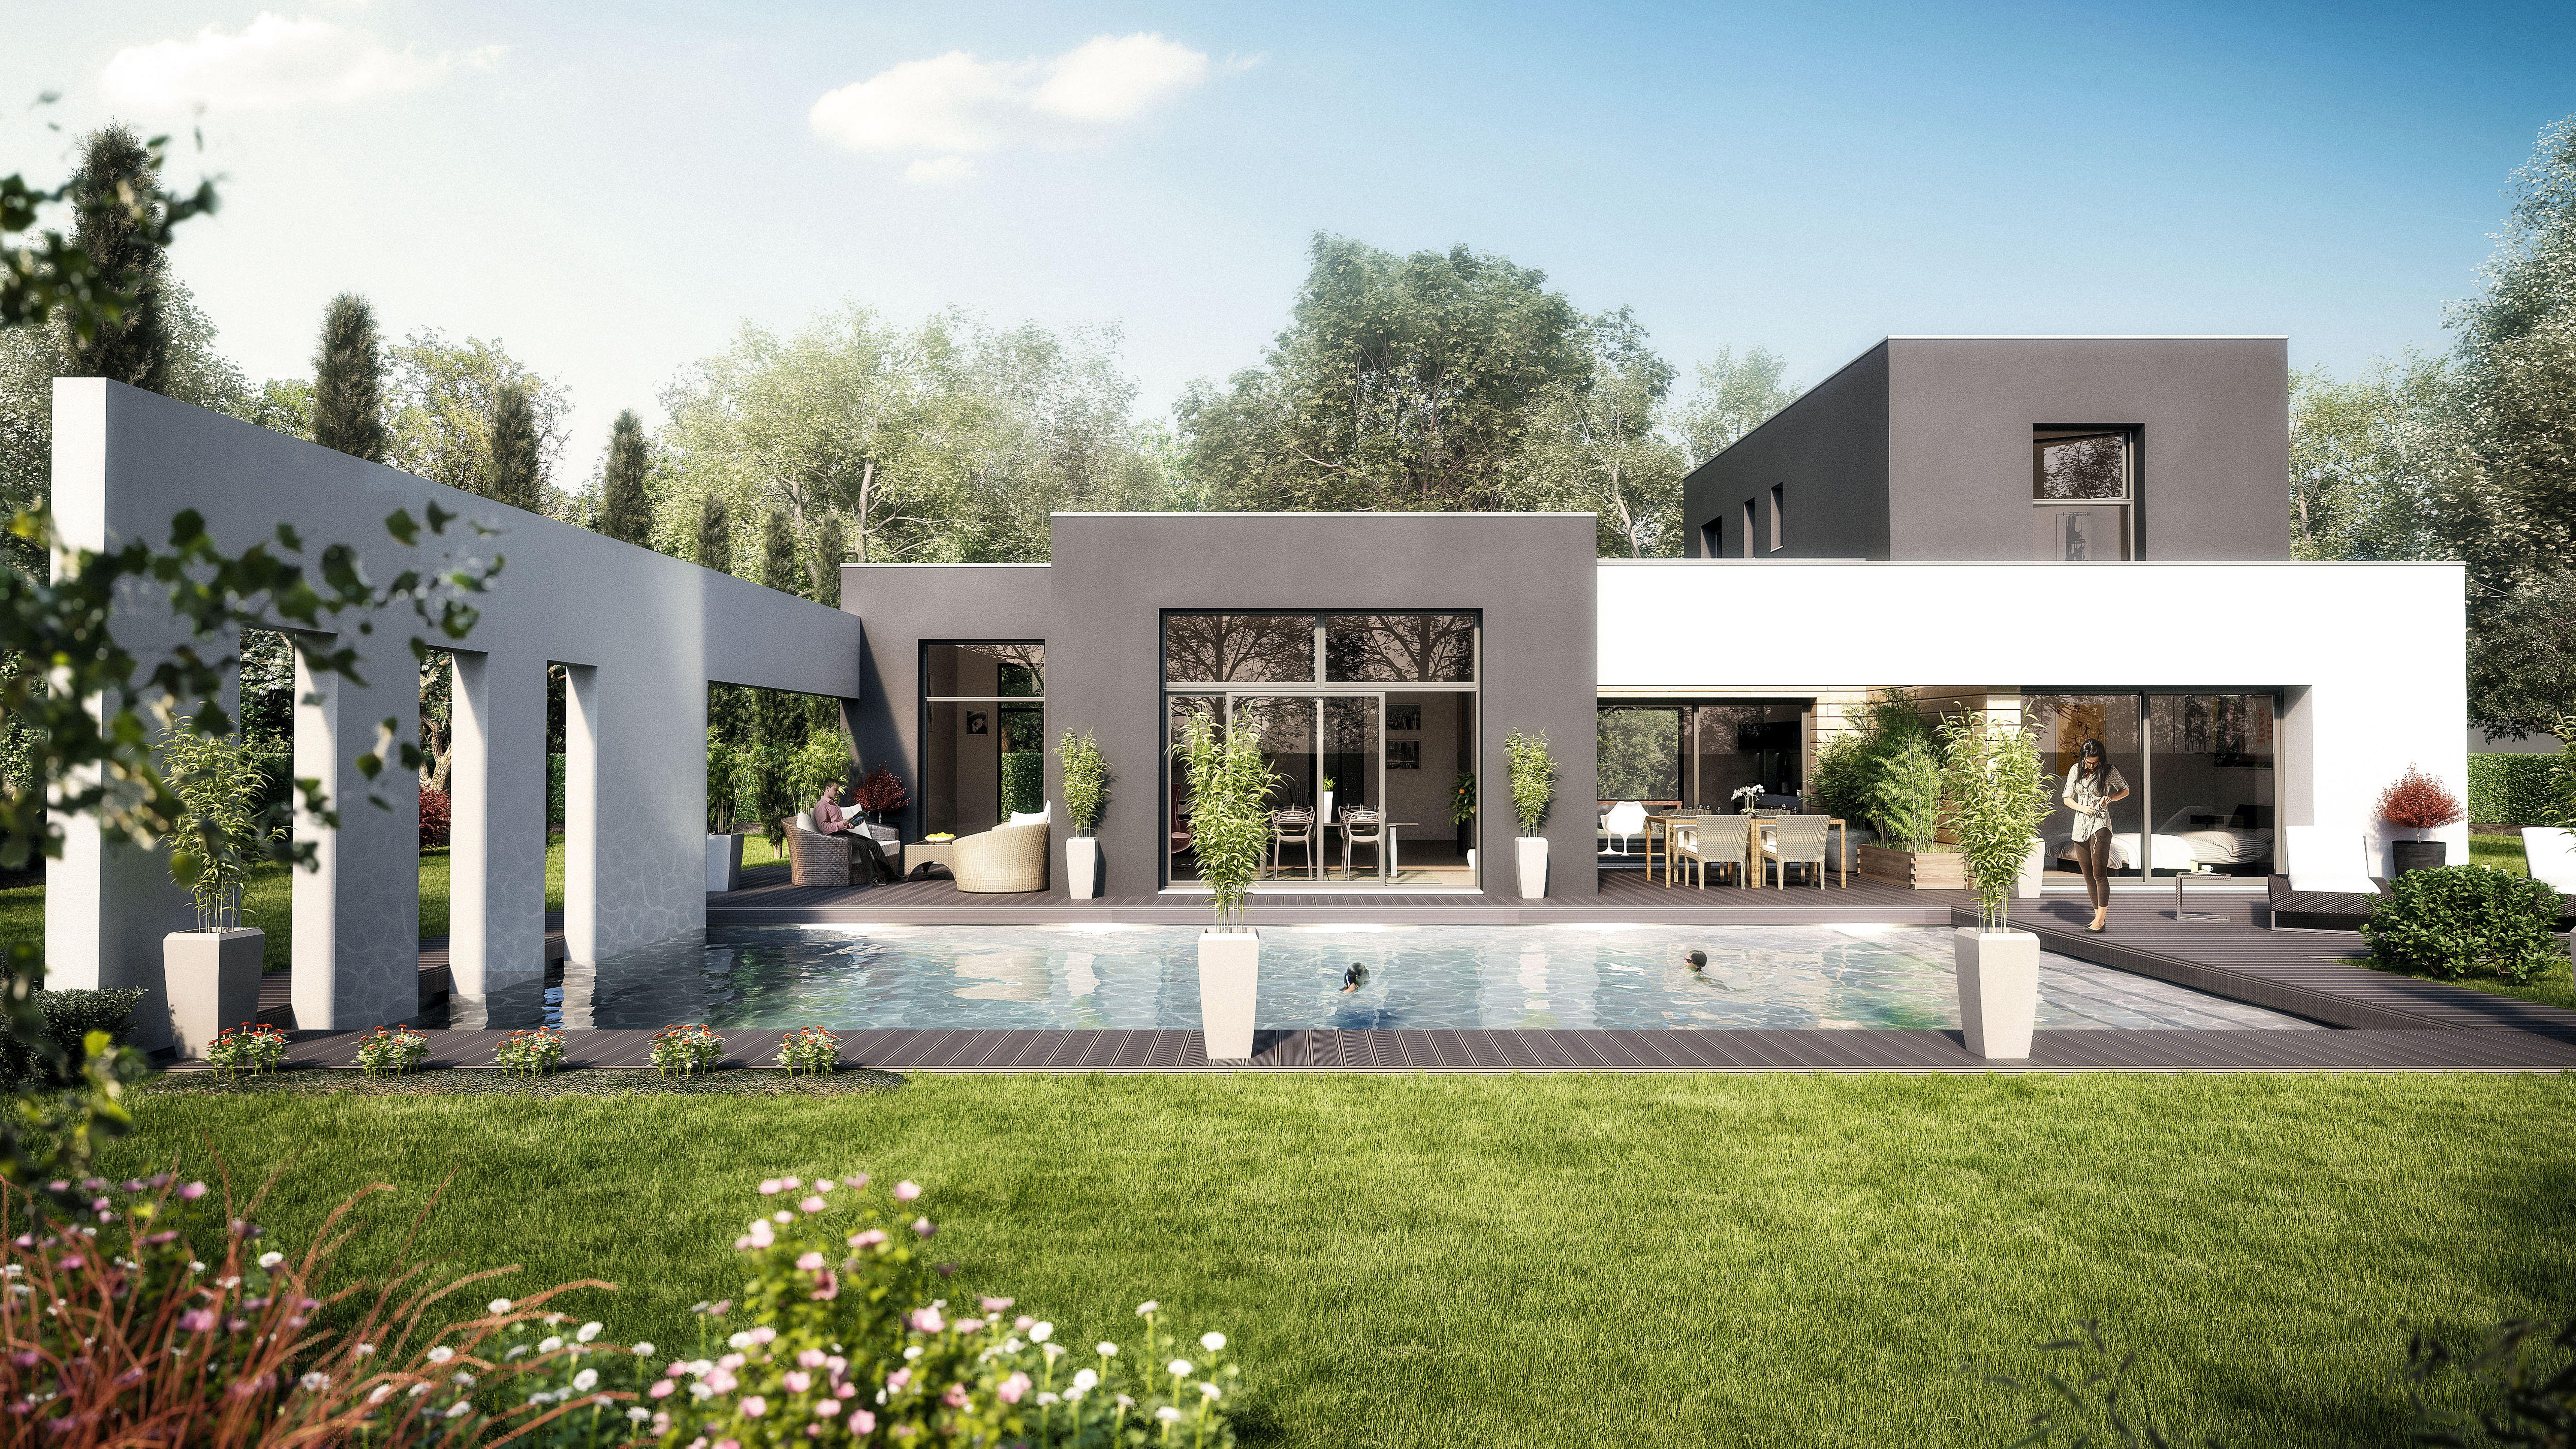 Maisons cubiques maisons levoye arquitectura house architecture y house styles - Maison cubique plain pied ...